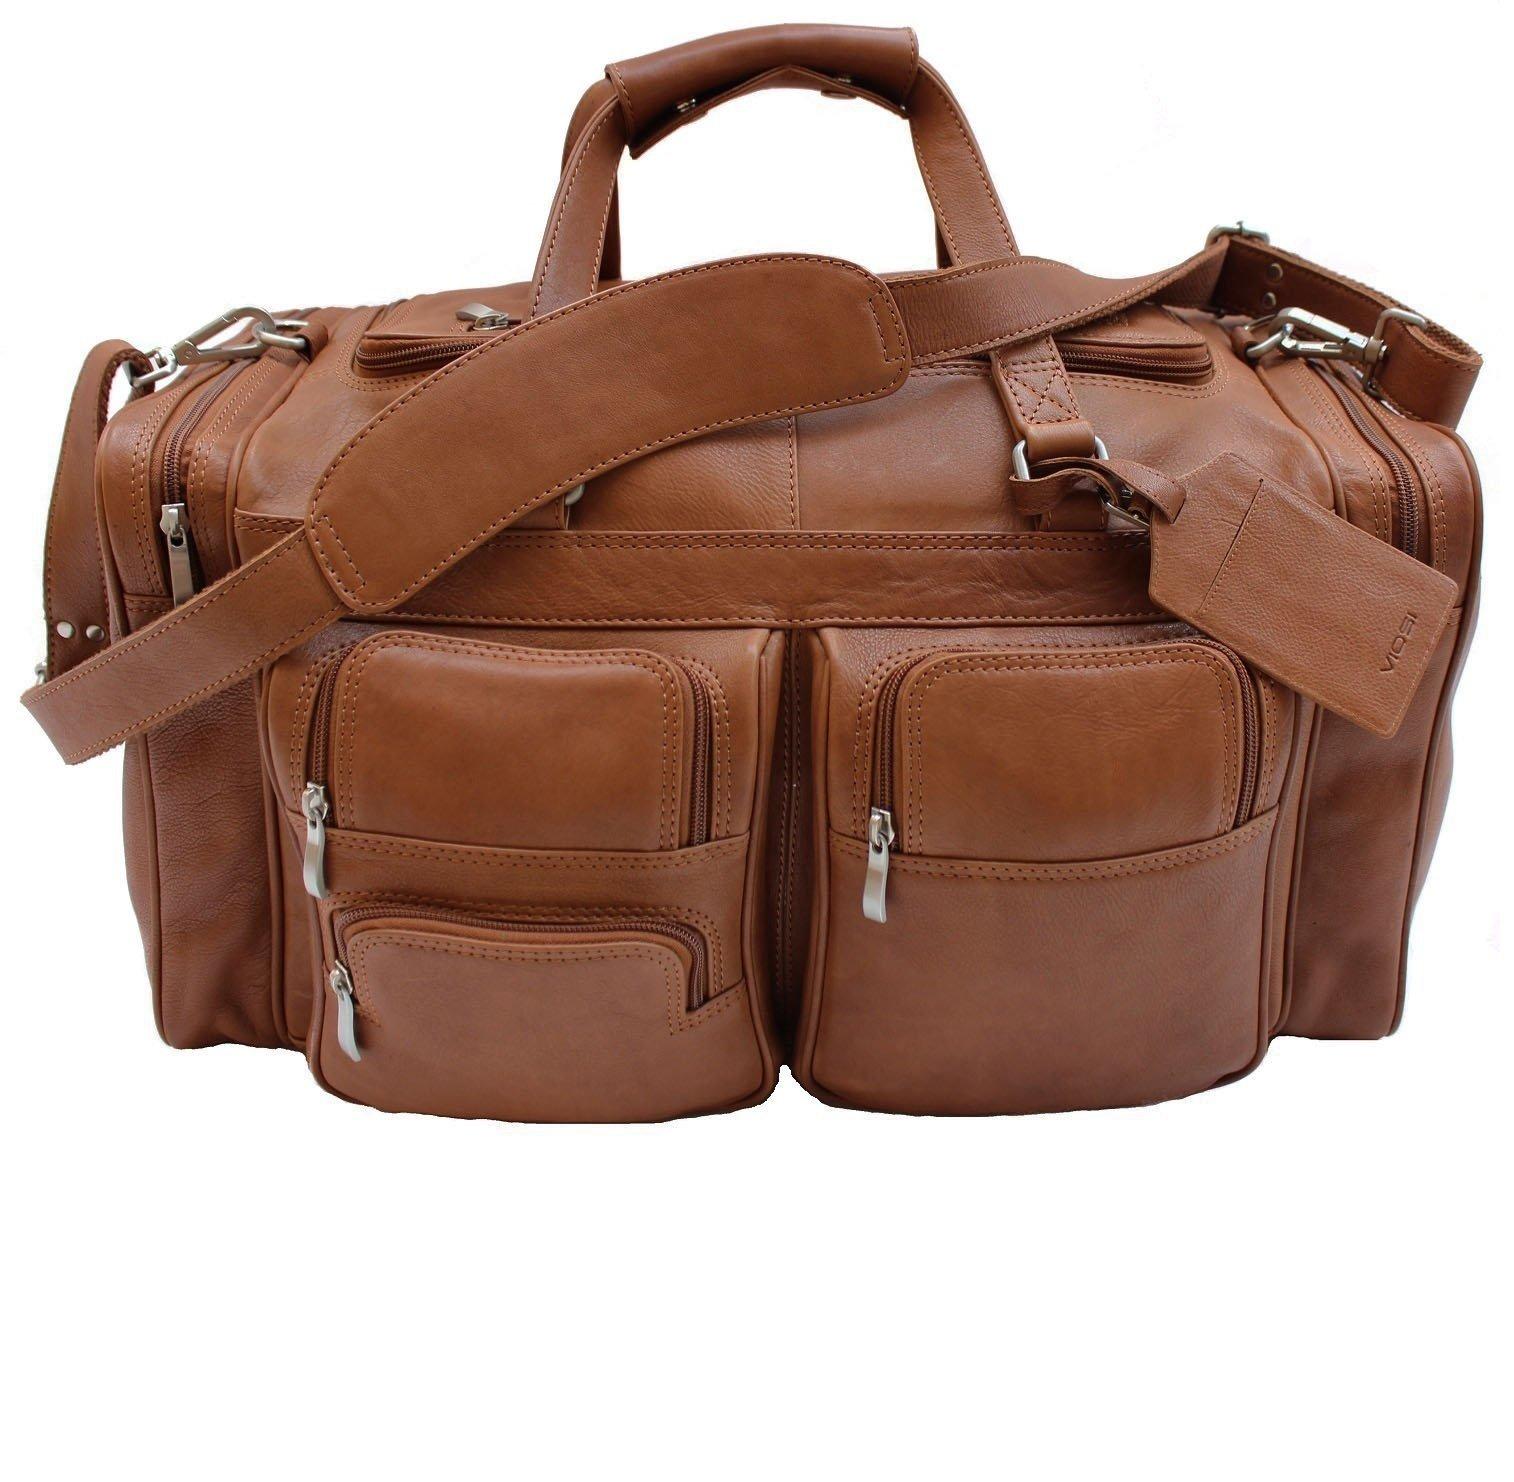 Viosi Malibu 20 Inch Genuine Leather Duffel Travel Bag Sports Gym Bag Weekender Overnight Luggage (Cognac)